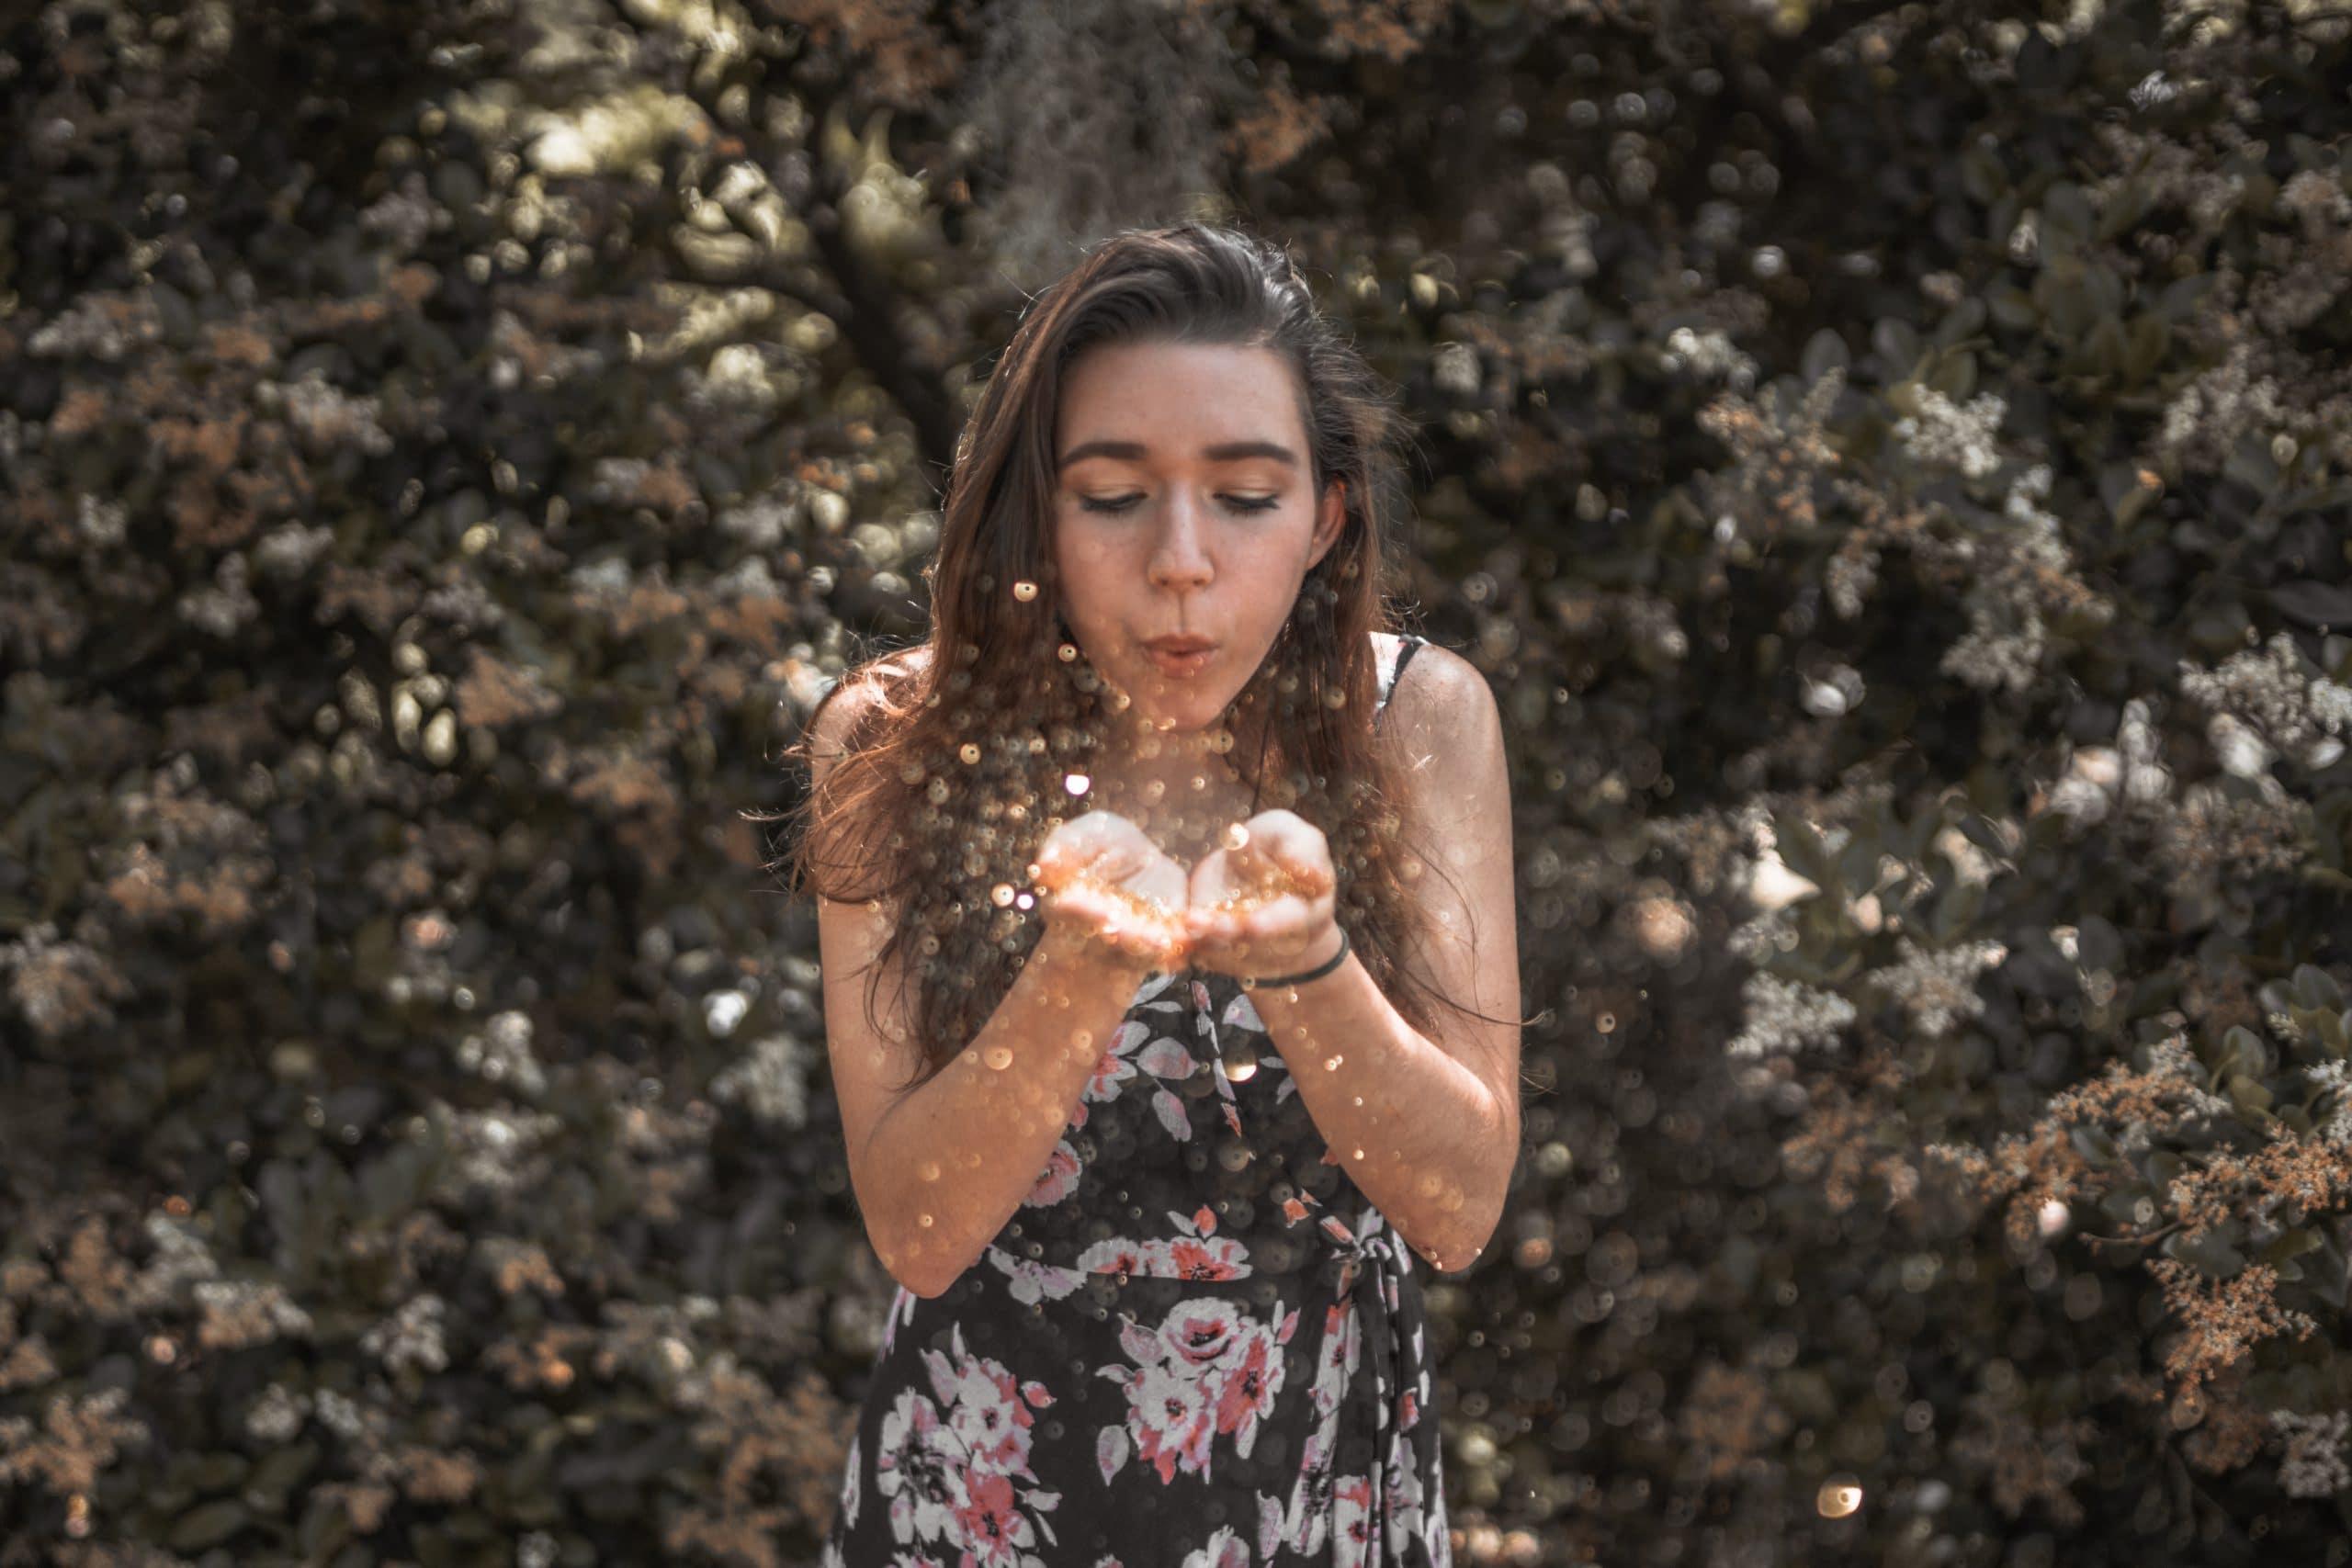 Menina assoprando pós de glitter que estão em suas mãos.